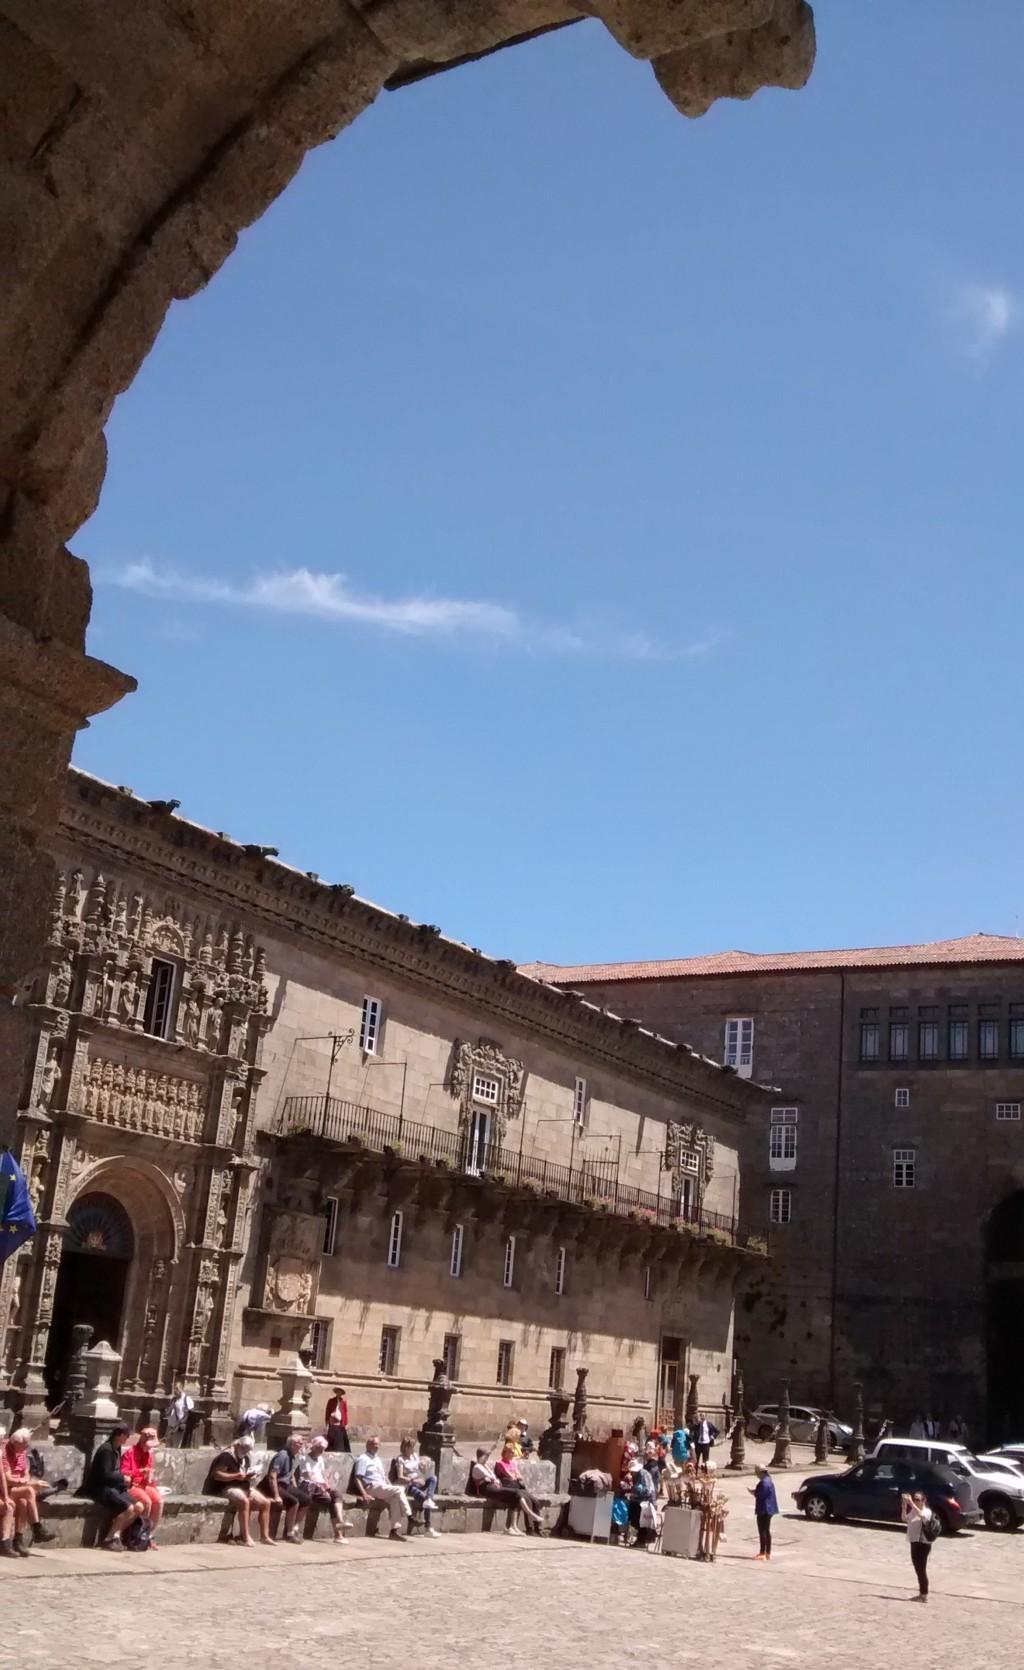 Foto 9 - Hostal de los Reyes Cátolicos desde soportal del Pazo de Raxoi